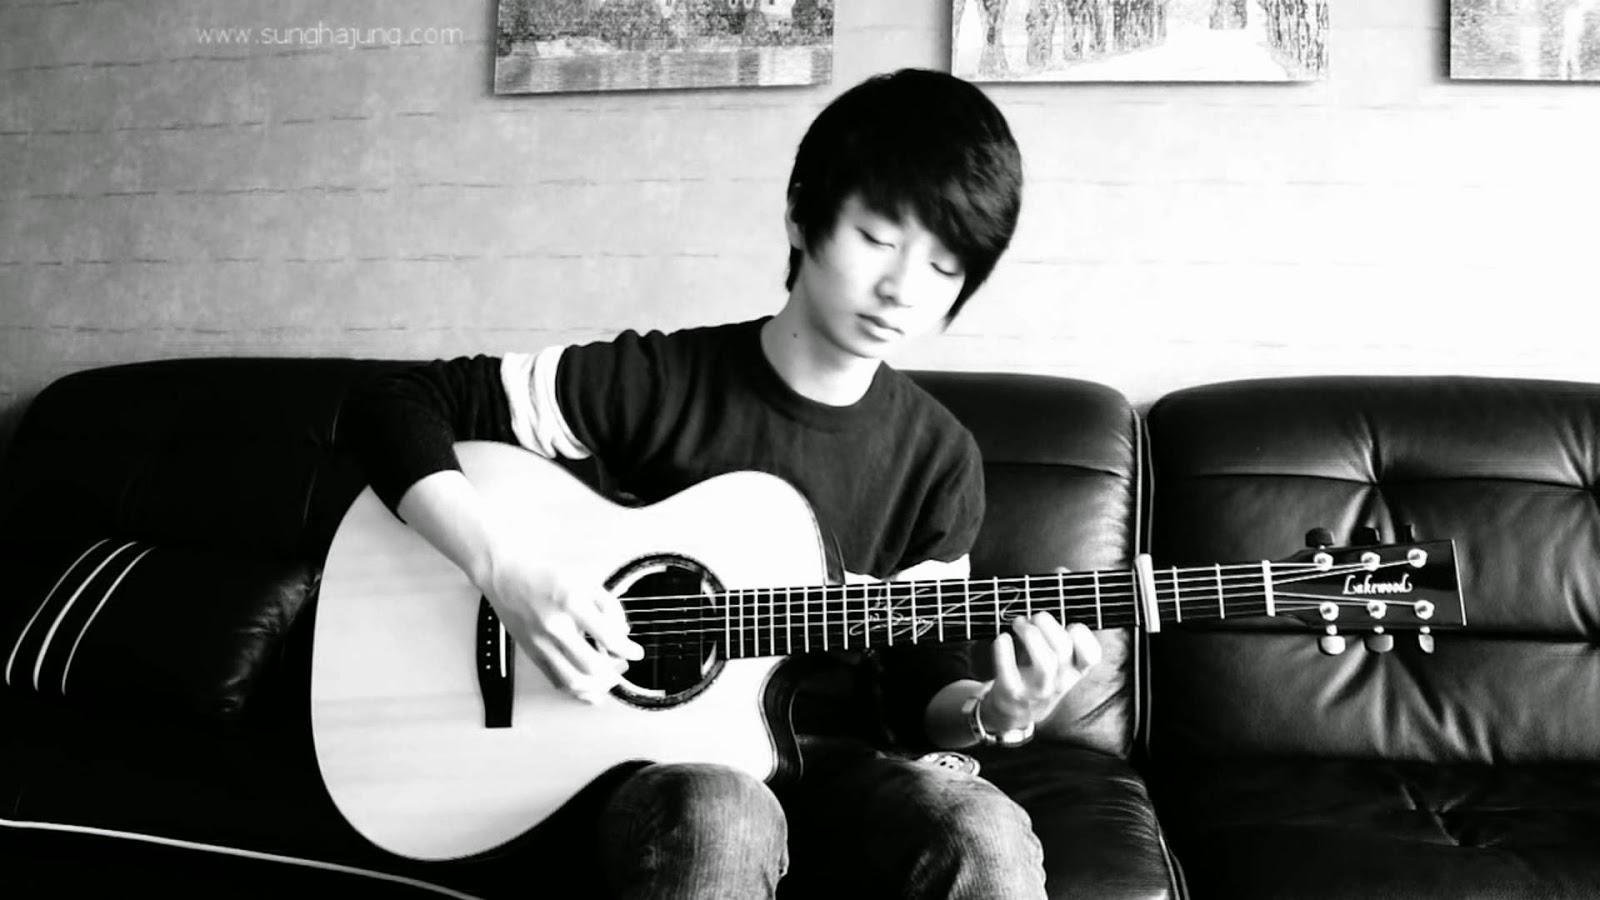 Cara Berlatih Bermain Gitar yang Baik dan Benar menurut Mas Vento